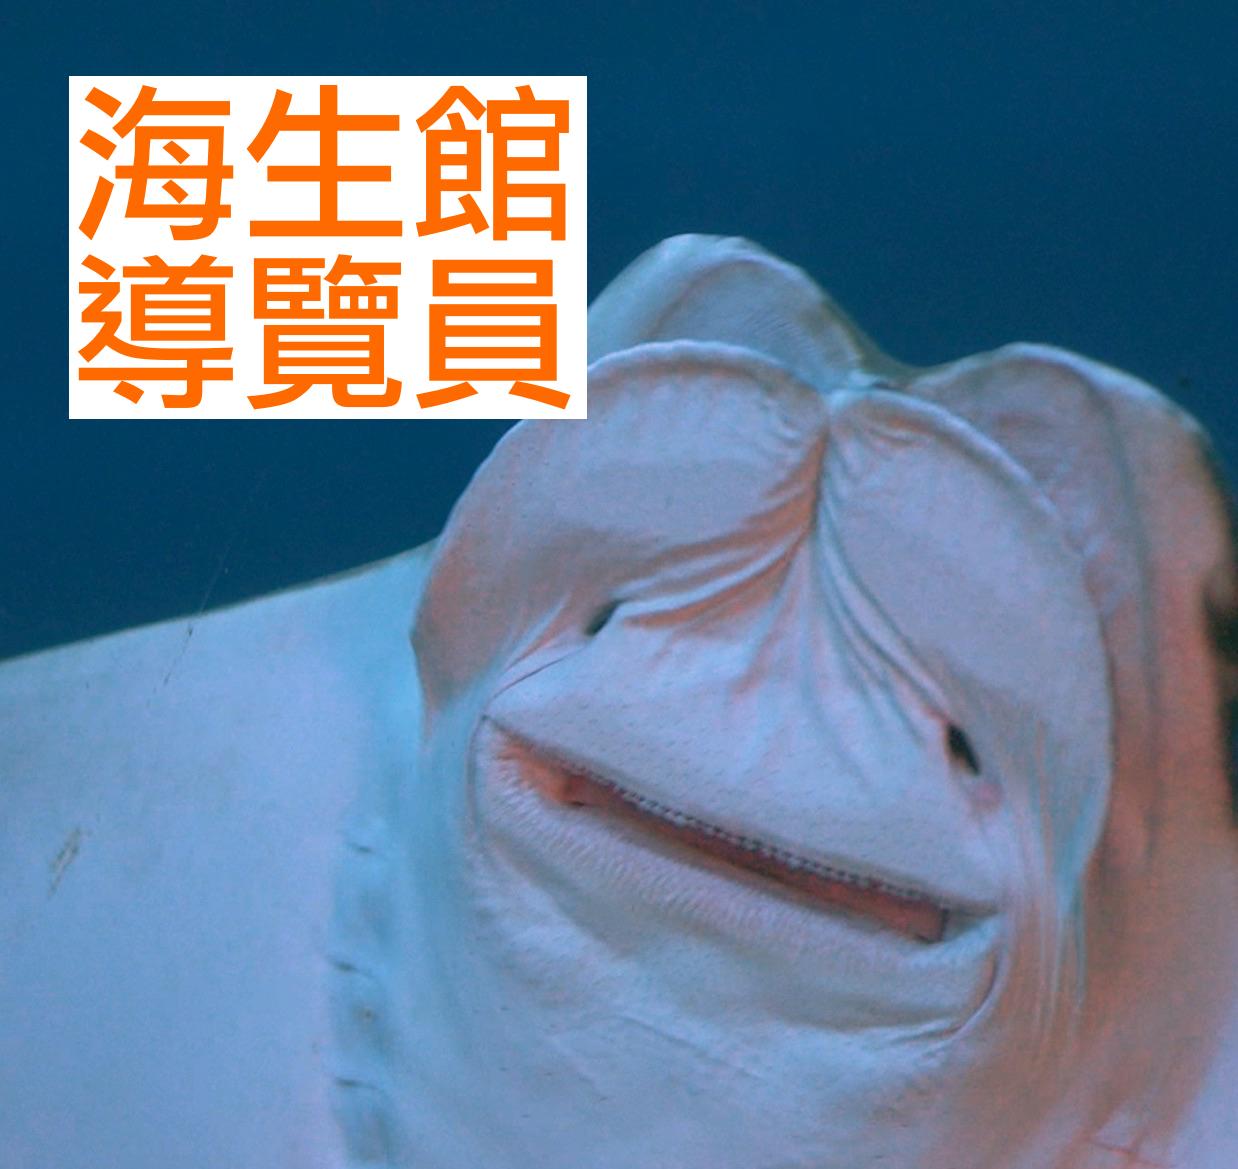 賈伯斯時間 - 職場達人的一天「海生館導覽員」屏東國立海洋生物博物館